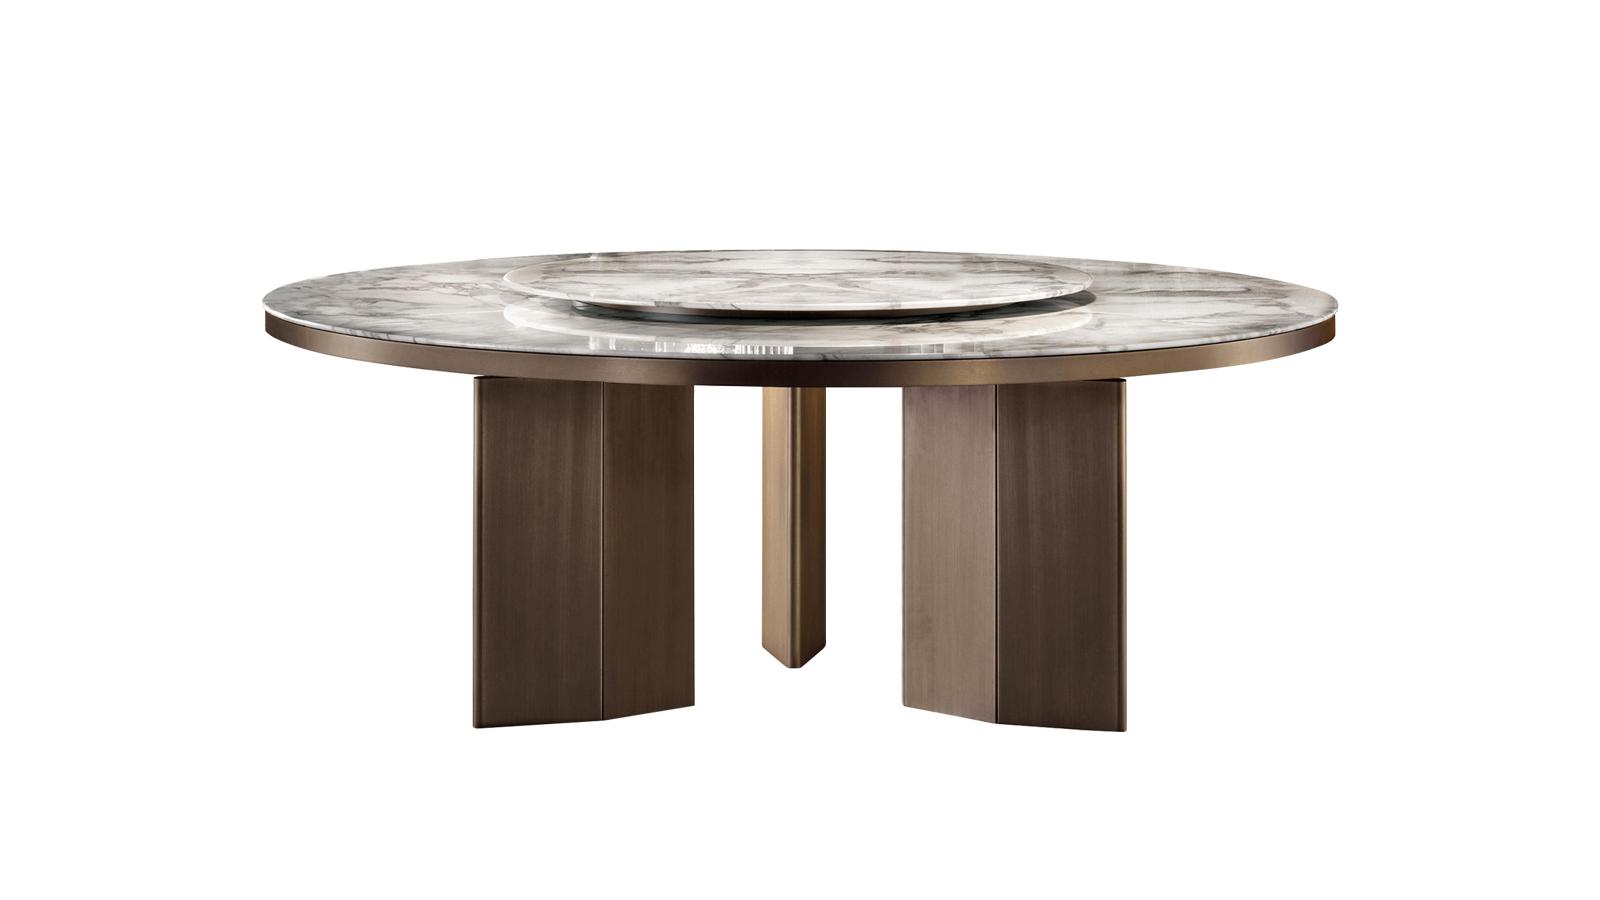 A szervírozás és a játékos közös étkezések következő lépcsőfoka a Morgan Marble asztal, mely forgatható felső lapjával megkönnyíti az ételek és italok átnyújtását. A kortárs design könnyedségét és a márvány klasszikus szépségét ötvöző étkezőasztal a luxus hírnöke.